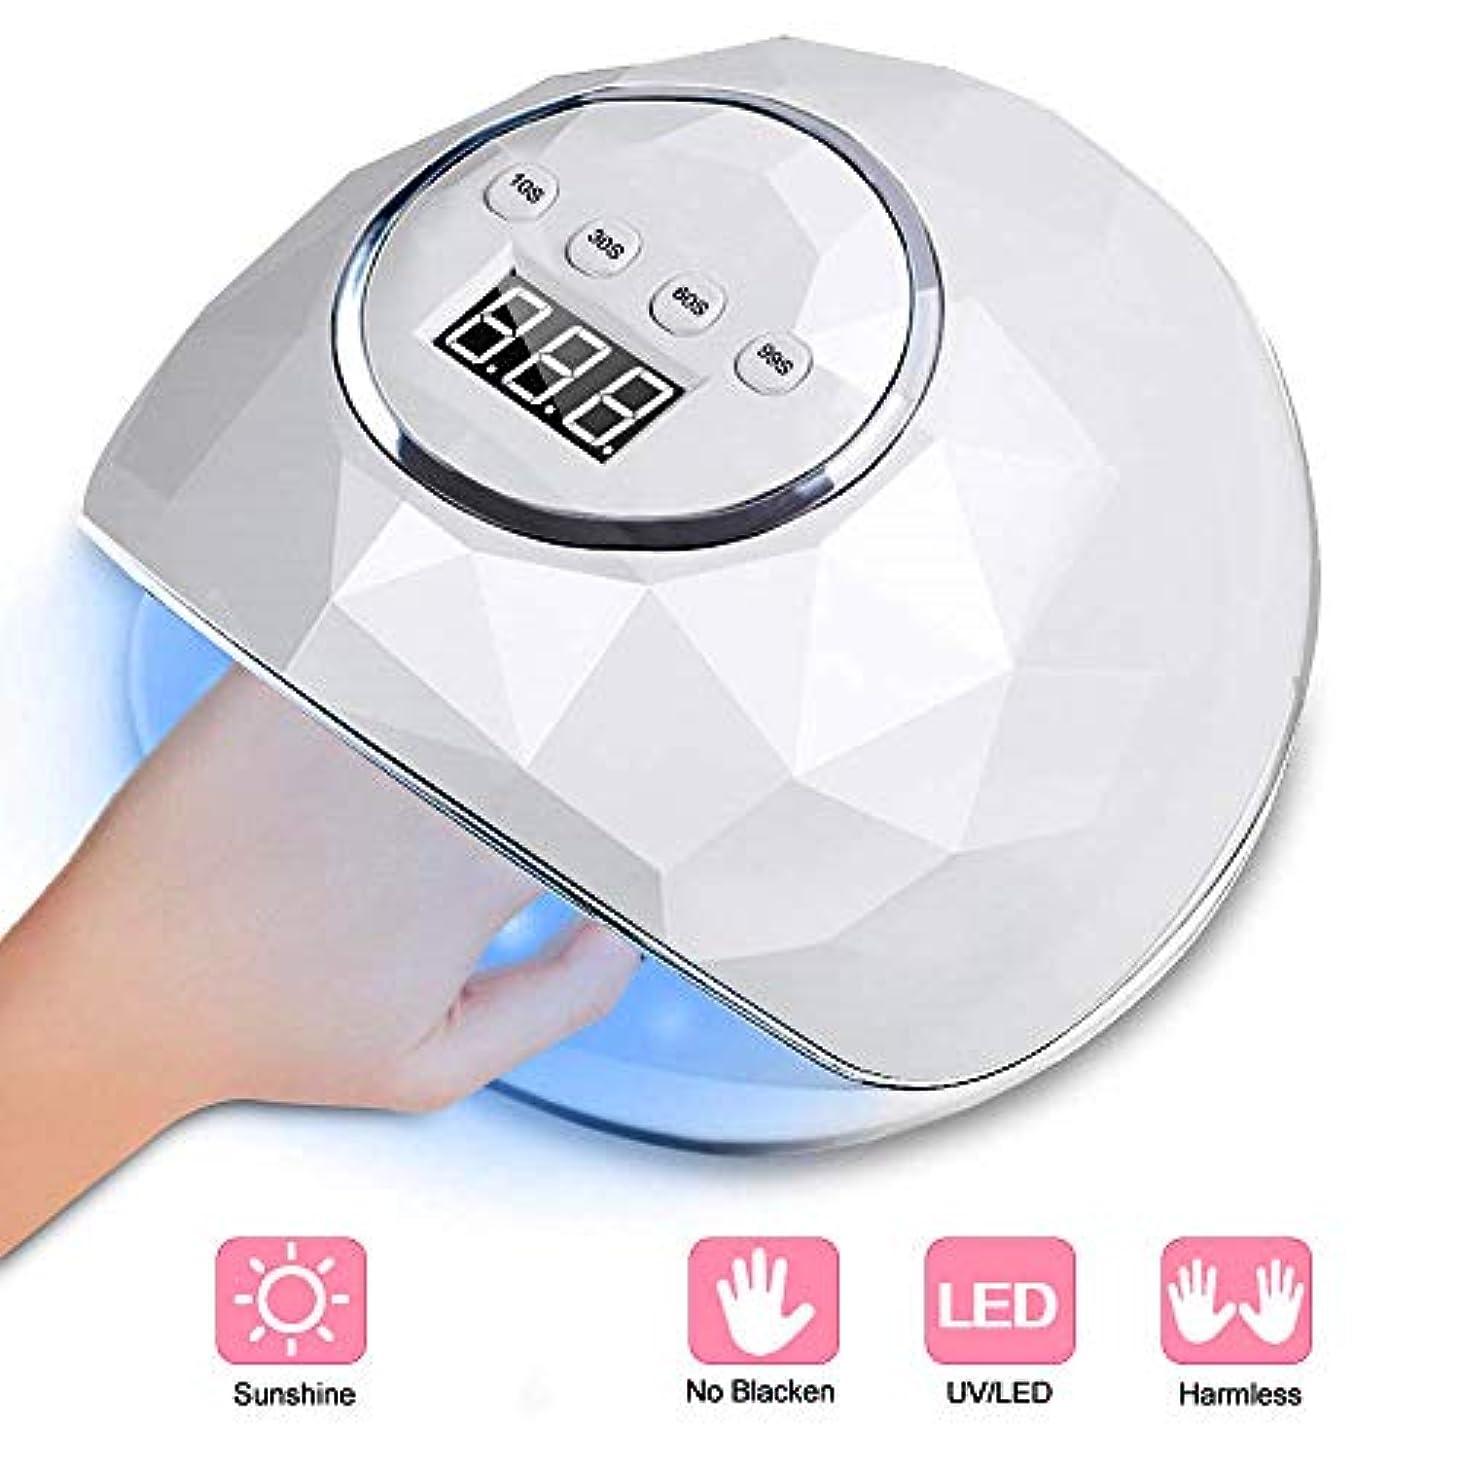 実際雰囲気まとめる紫外線ジェルネイル光線療法ランプ72Wスマート誘導マニキュアランプマニキュアマシンでジェルネイルポリッシュキット